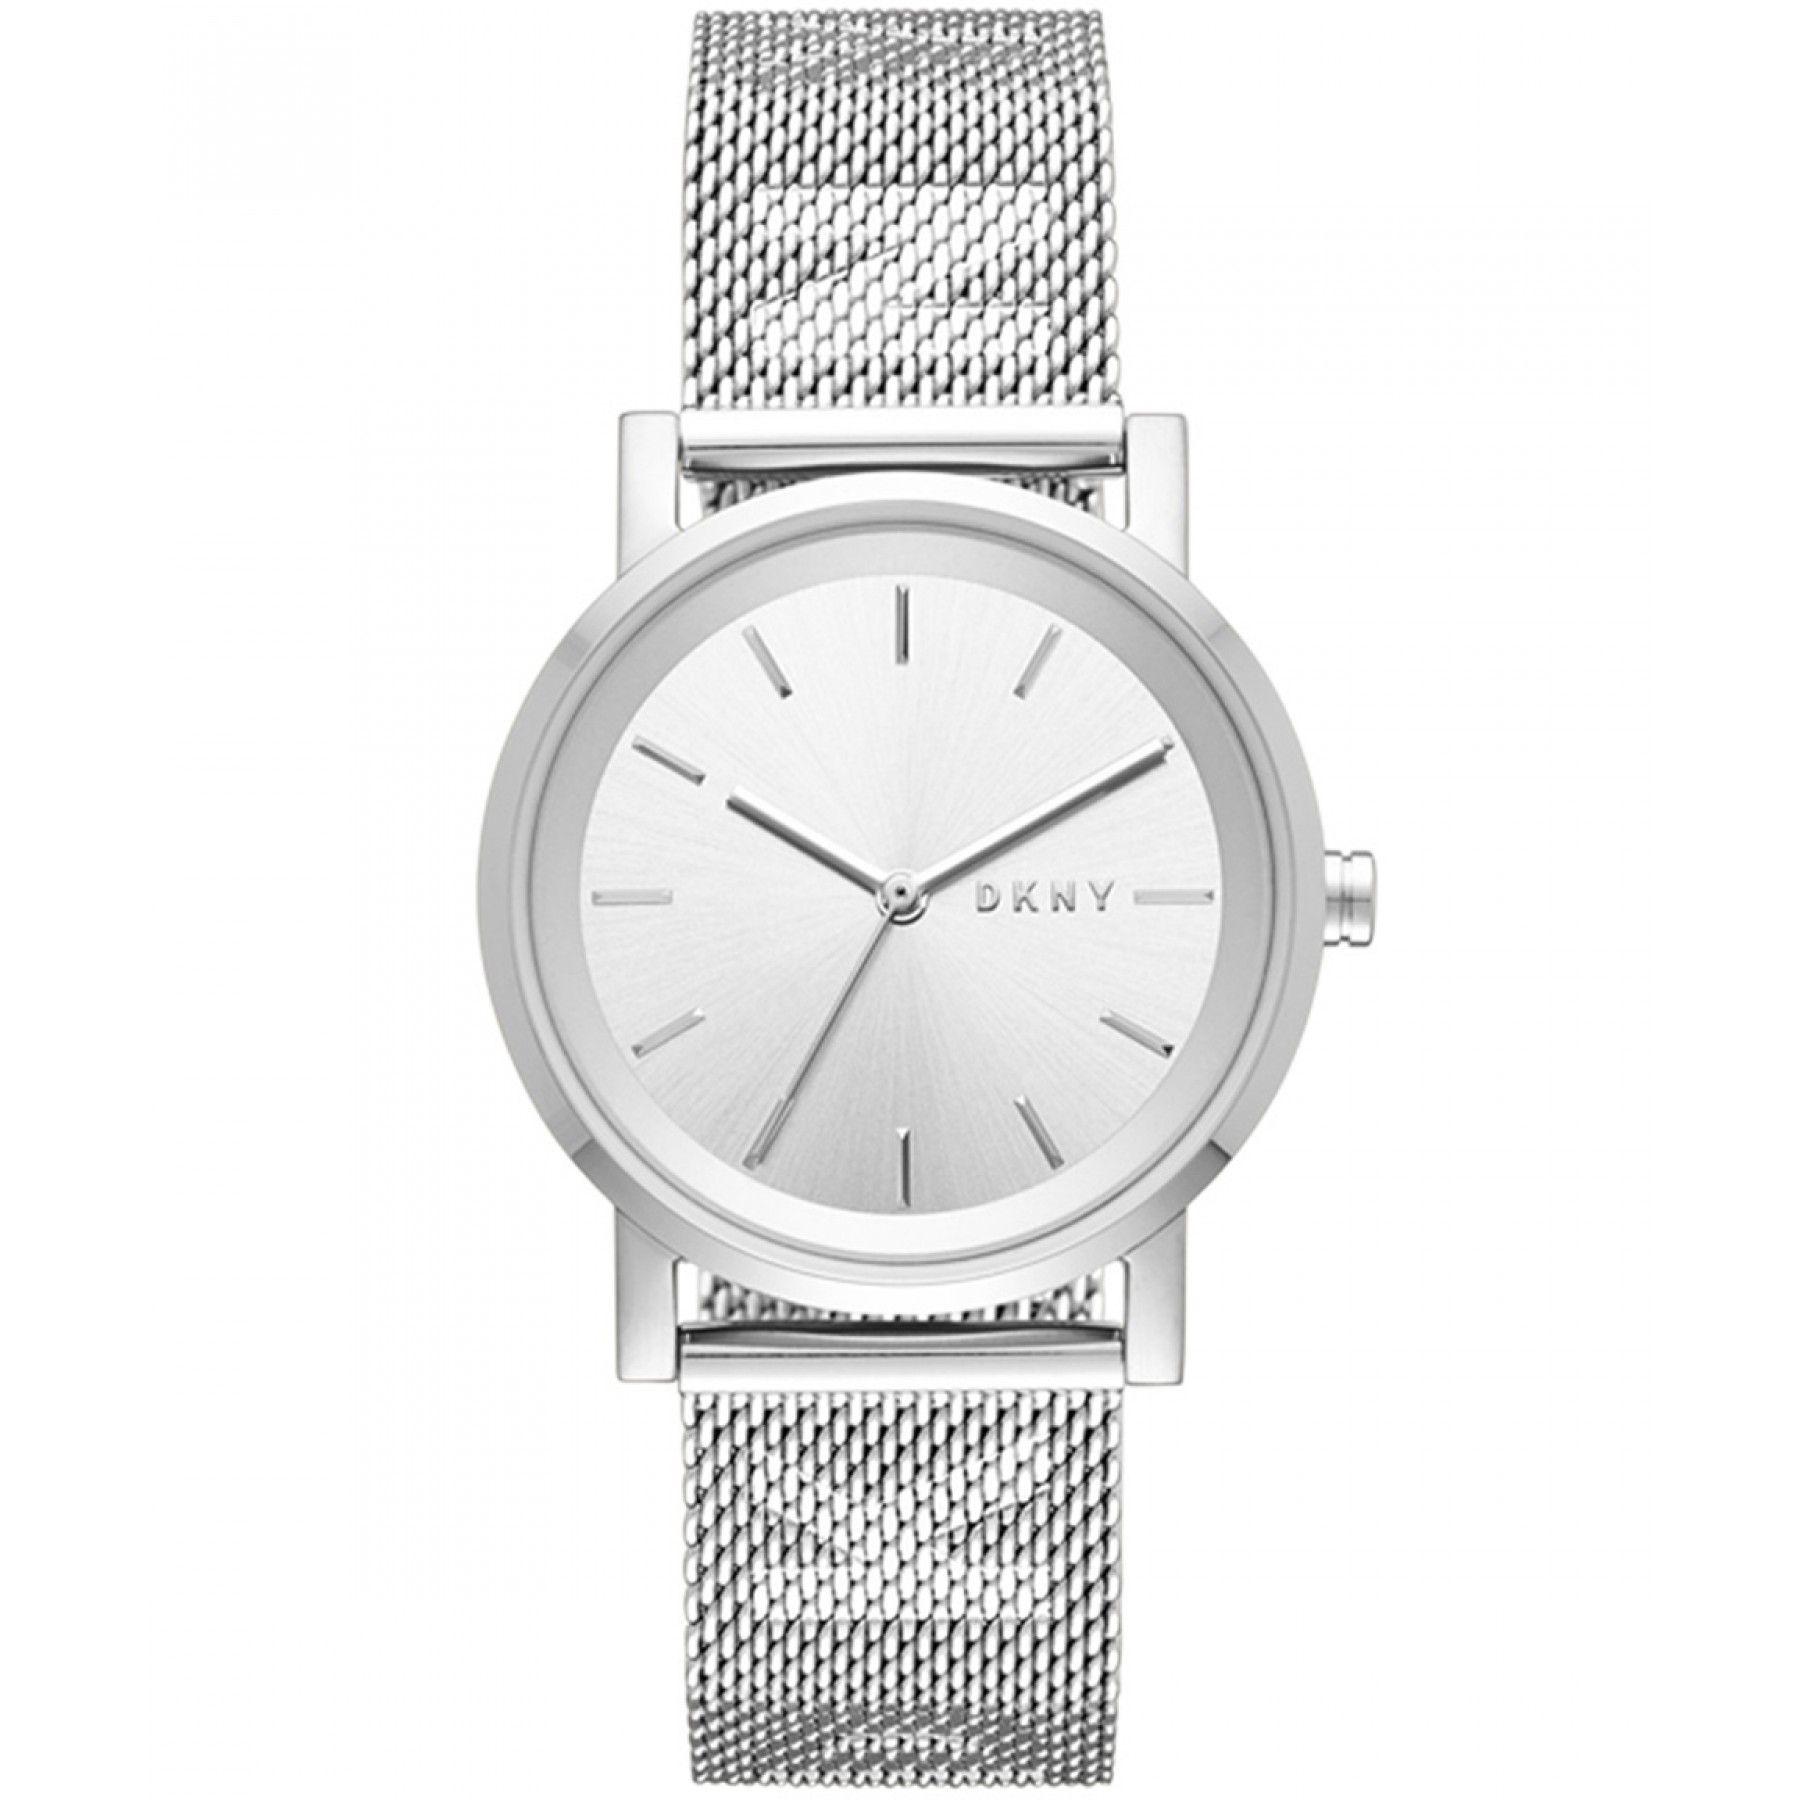 4540be227b Reloj DKNY NY4826 | Relojes DKNY | Reloj, Moda, Última moda